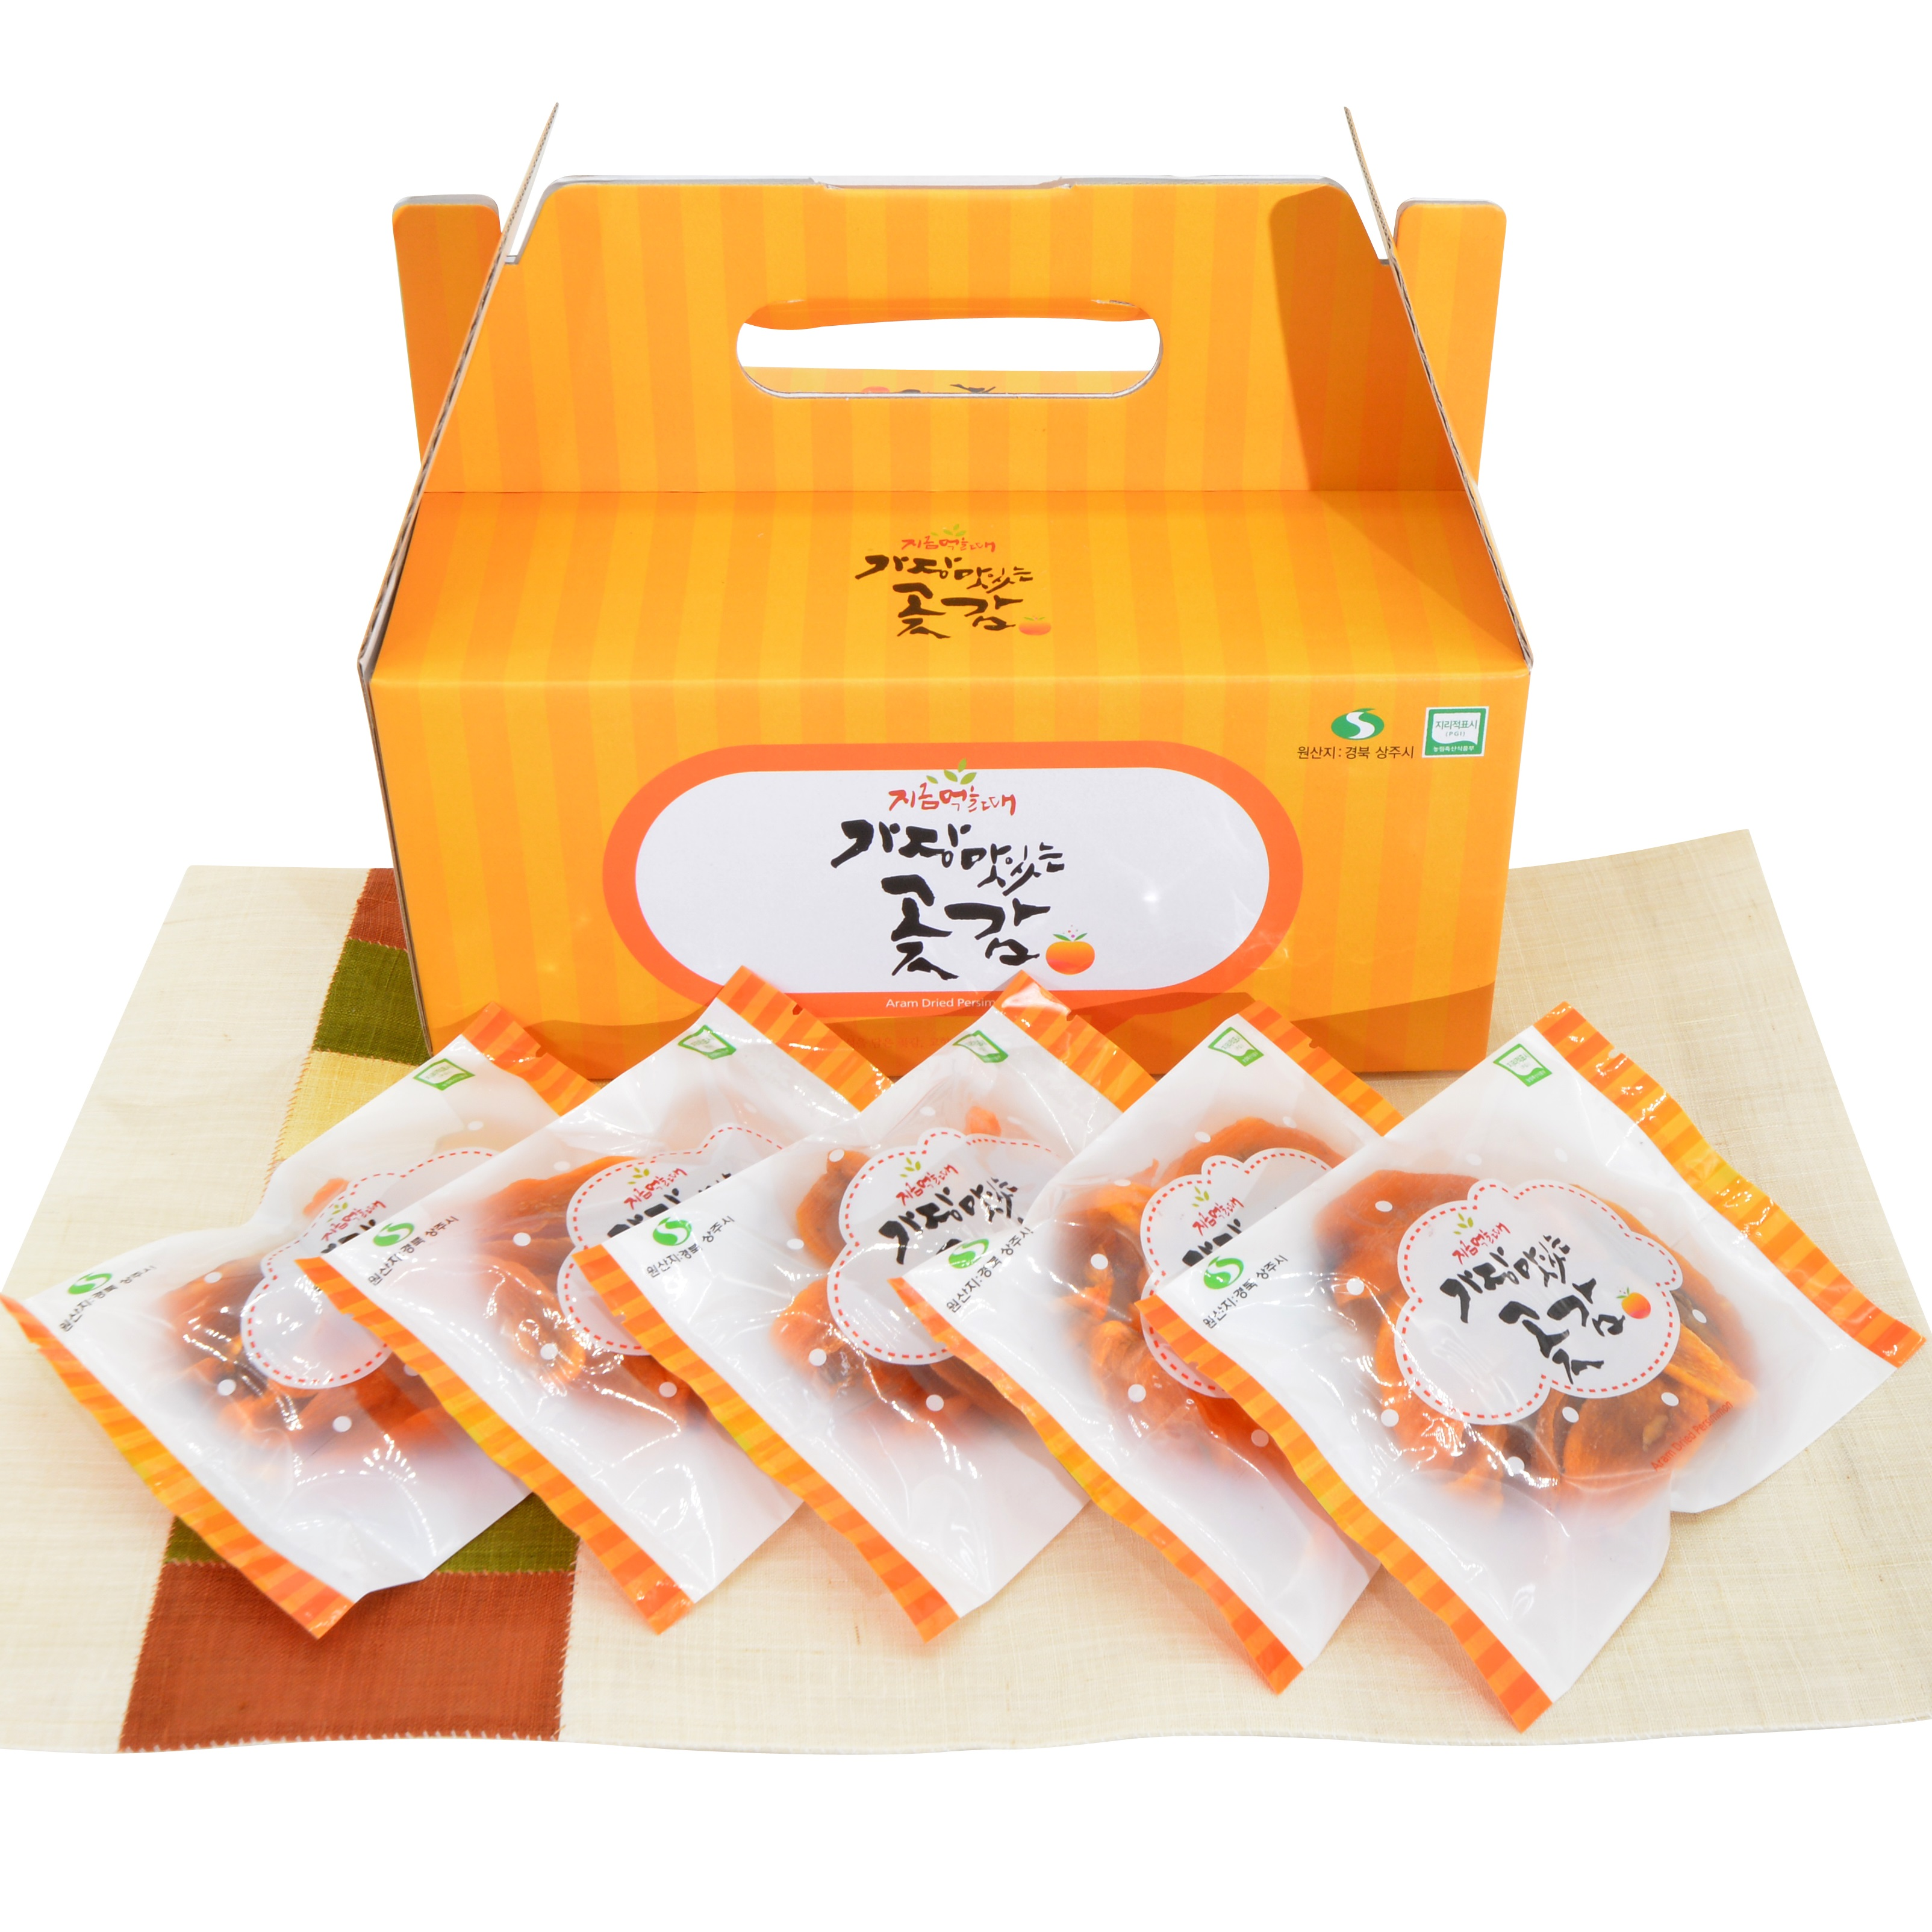 하루한봉 대봉 감말랭이 세트[1박스]